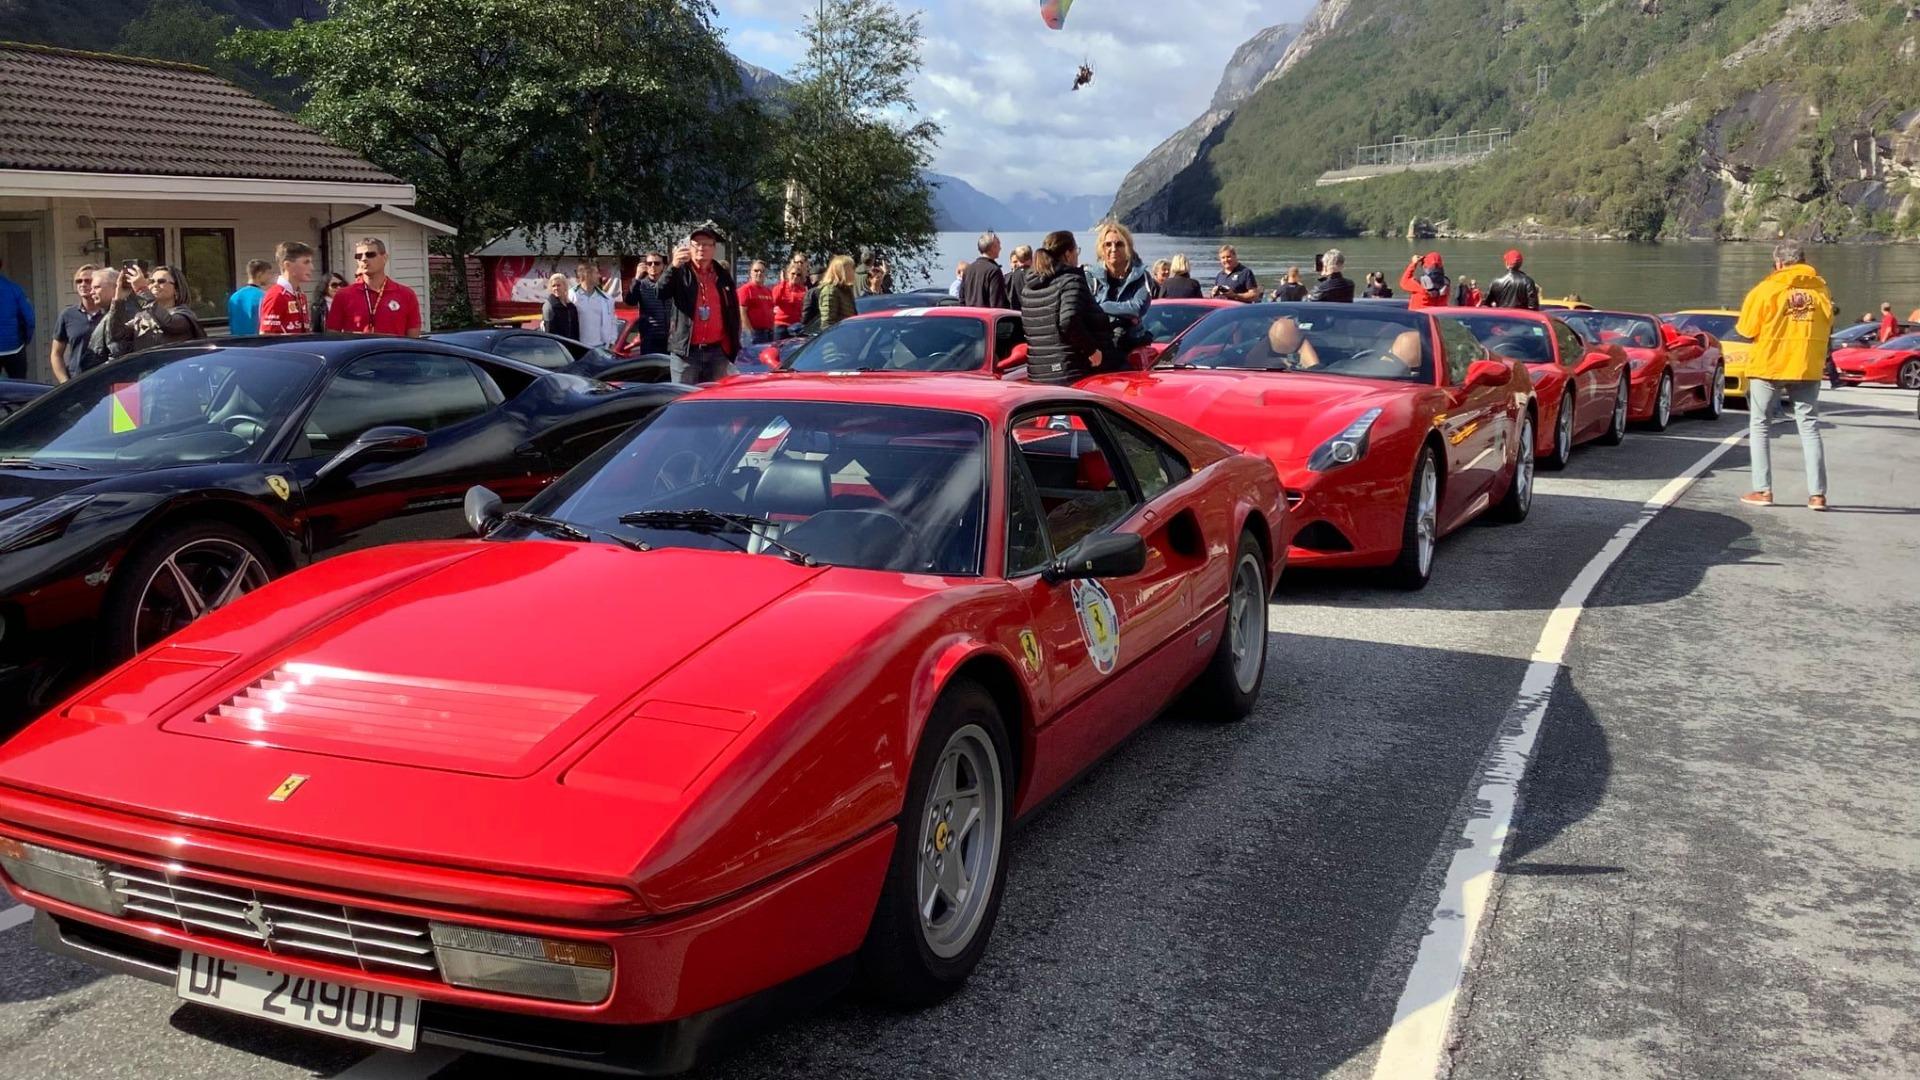 Runes Ferrari i front på en av mange vestlandsturer.